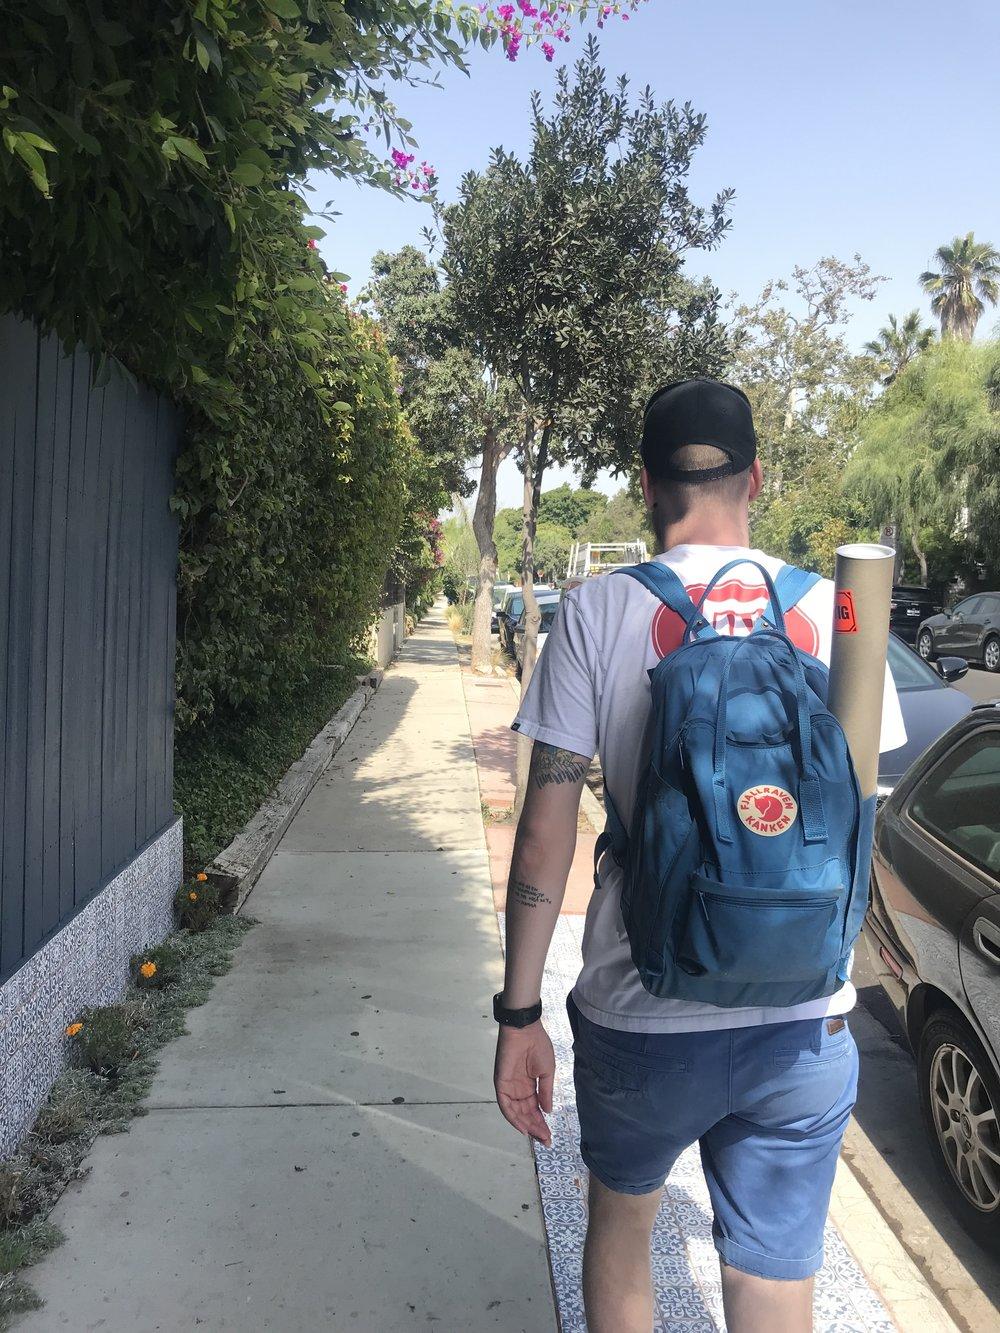 Turistjævel på vei til Stargate studios.